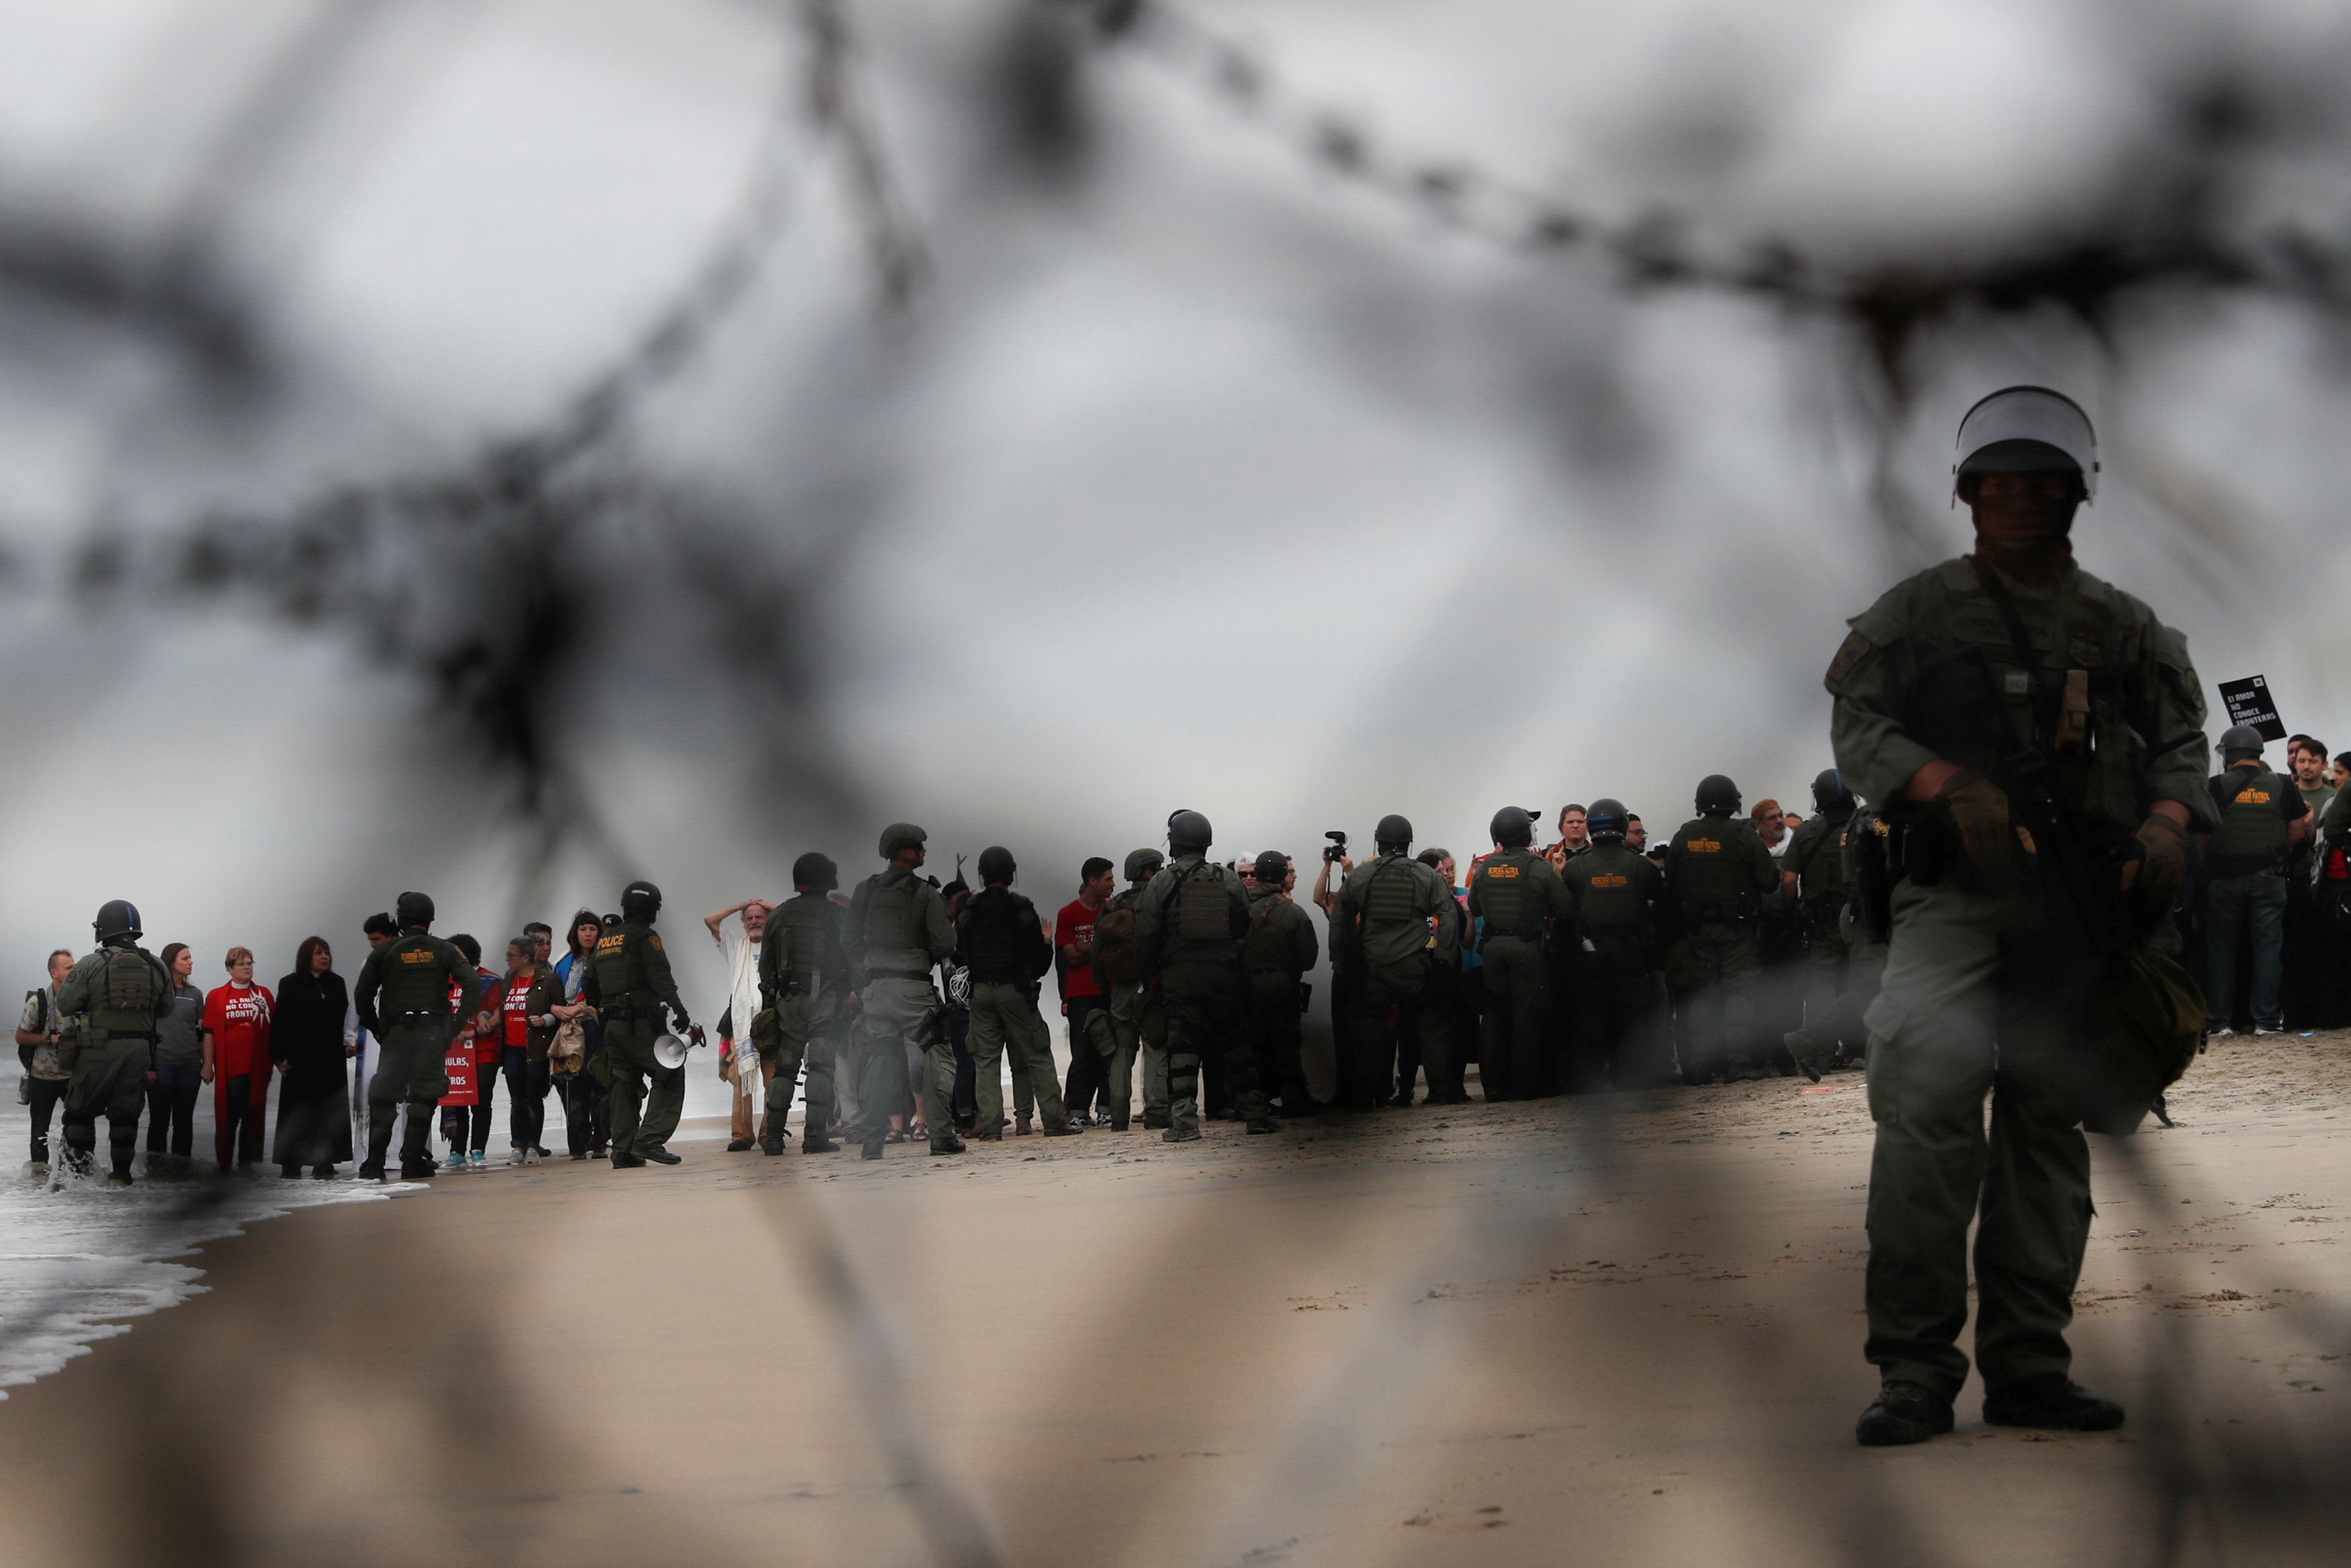 اعتقال مهاجرين على الجانب الأمريكى من الحدود مع المكسيك  (12)